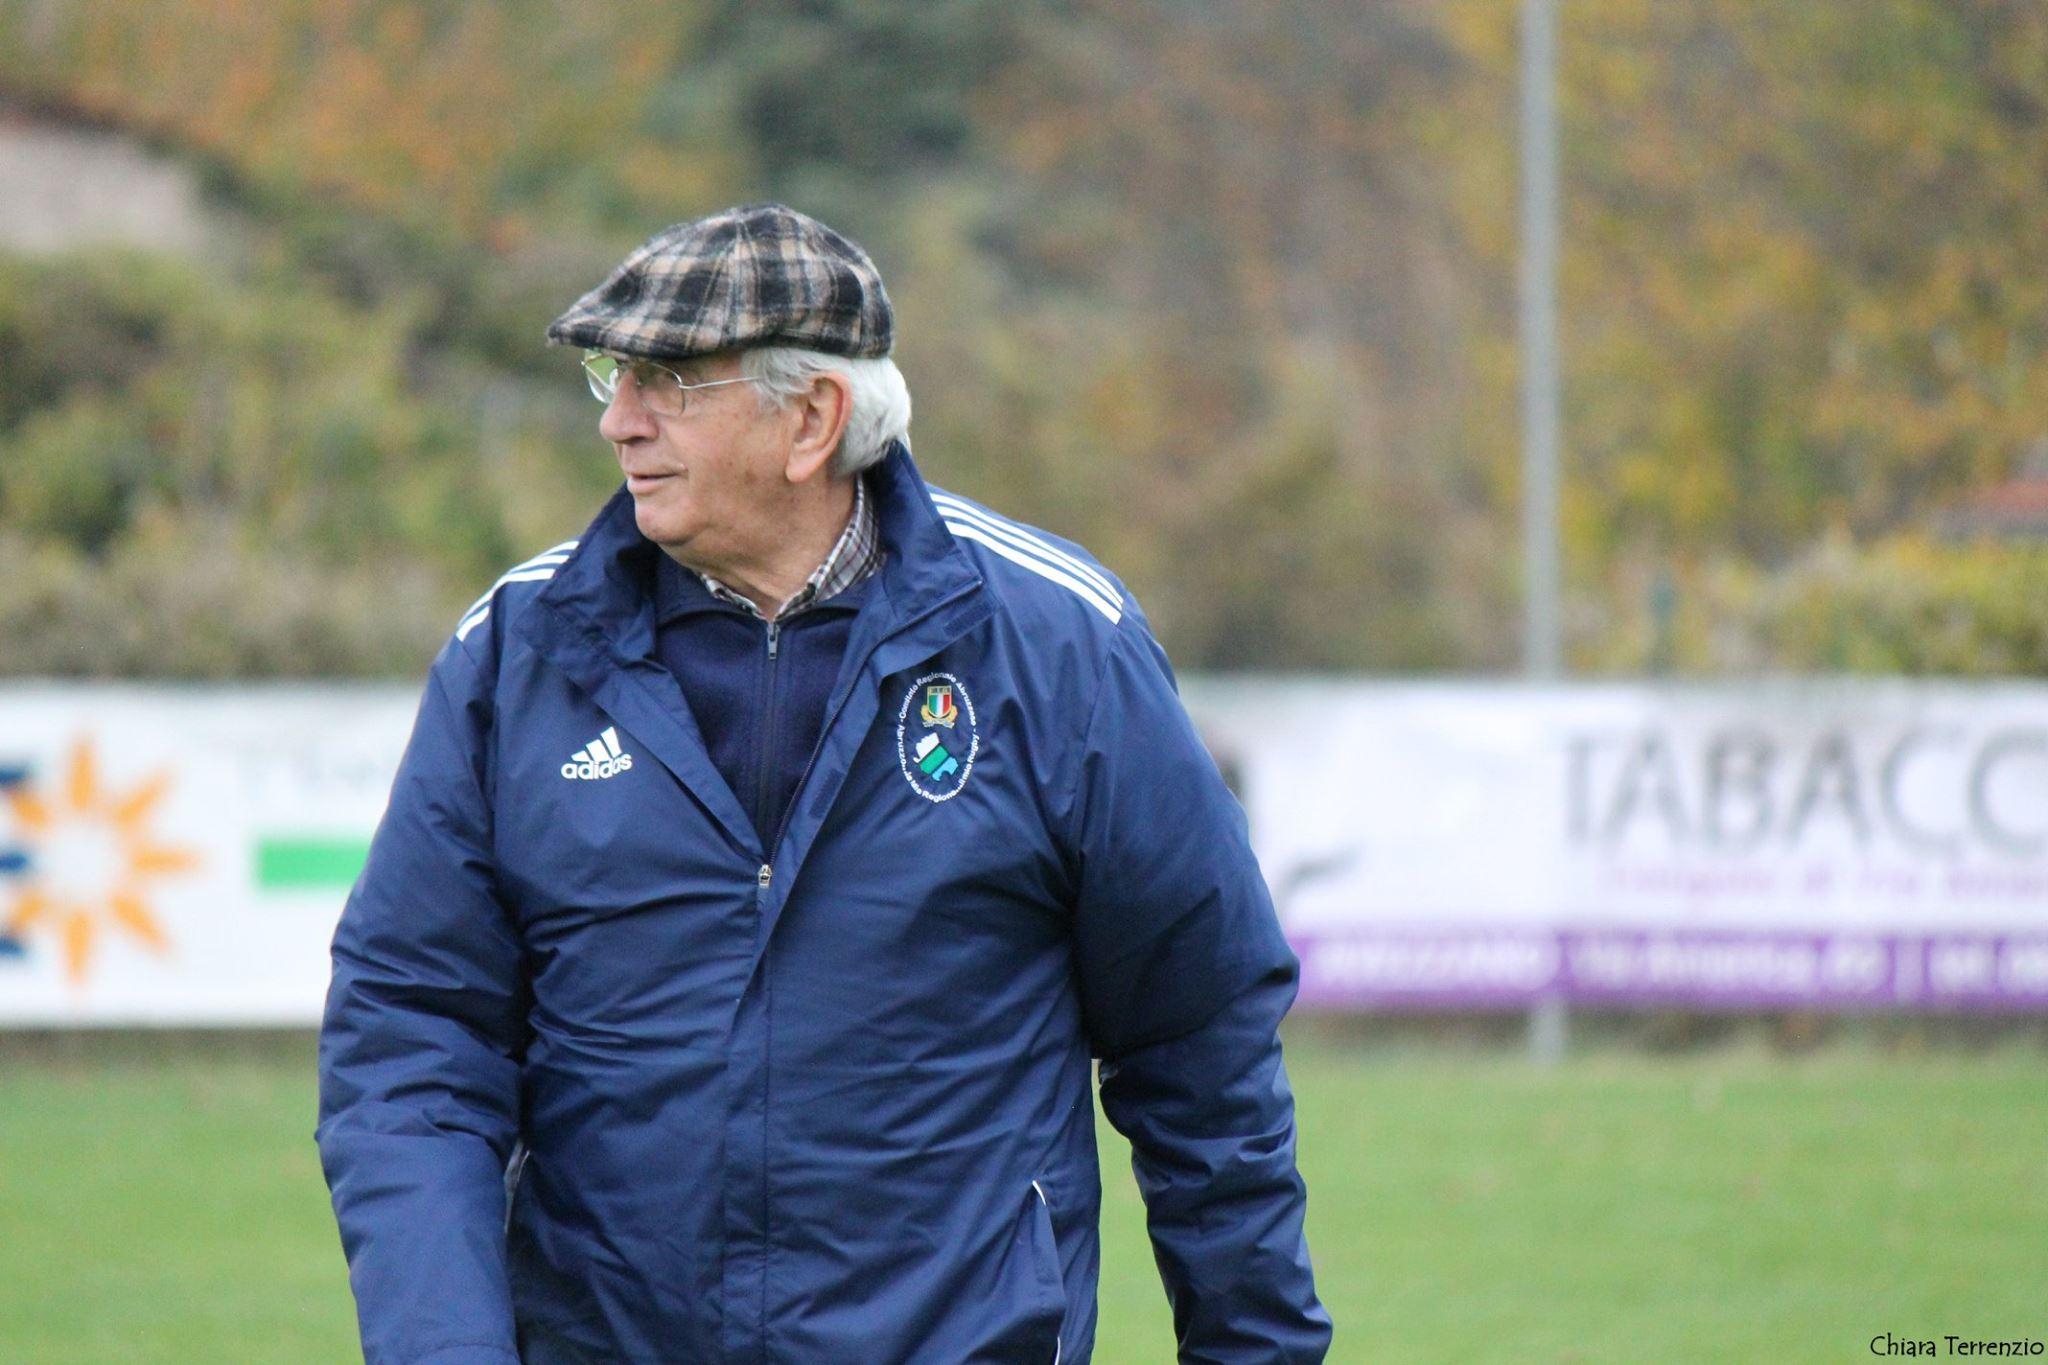 Addio ad Angelo Trombetta, fondatore e storico Presidente dell'Avezzano Rugby